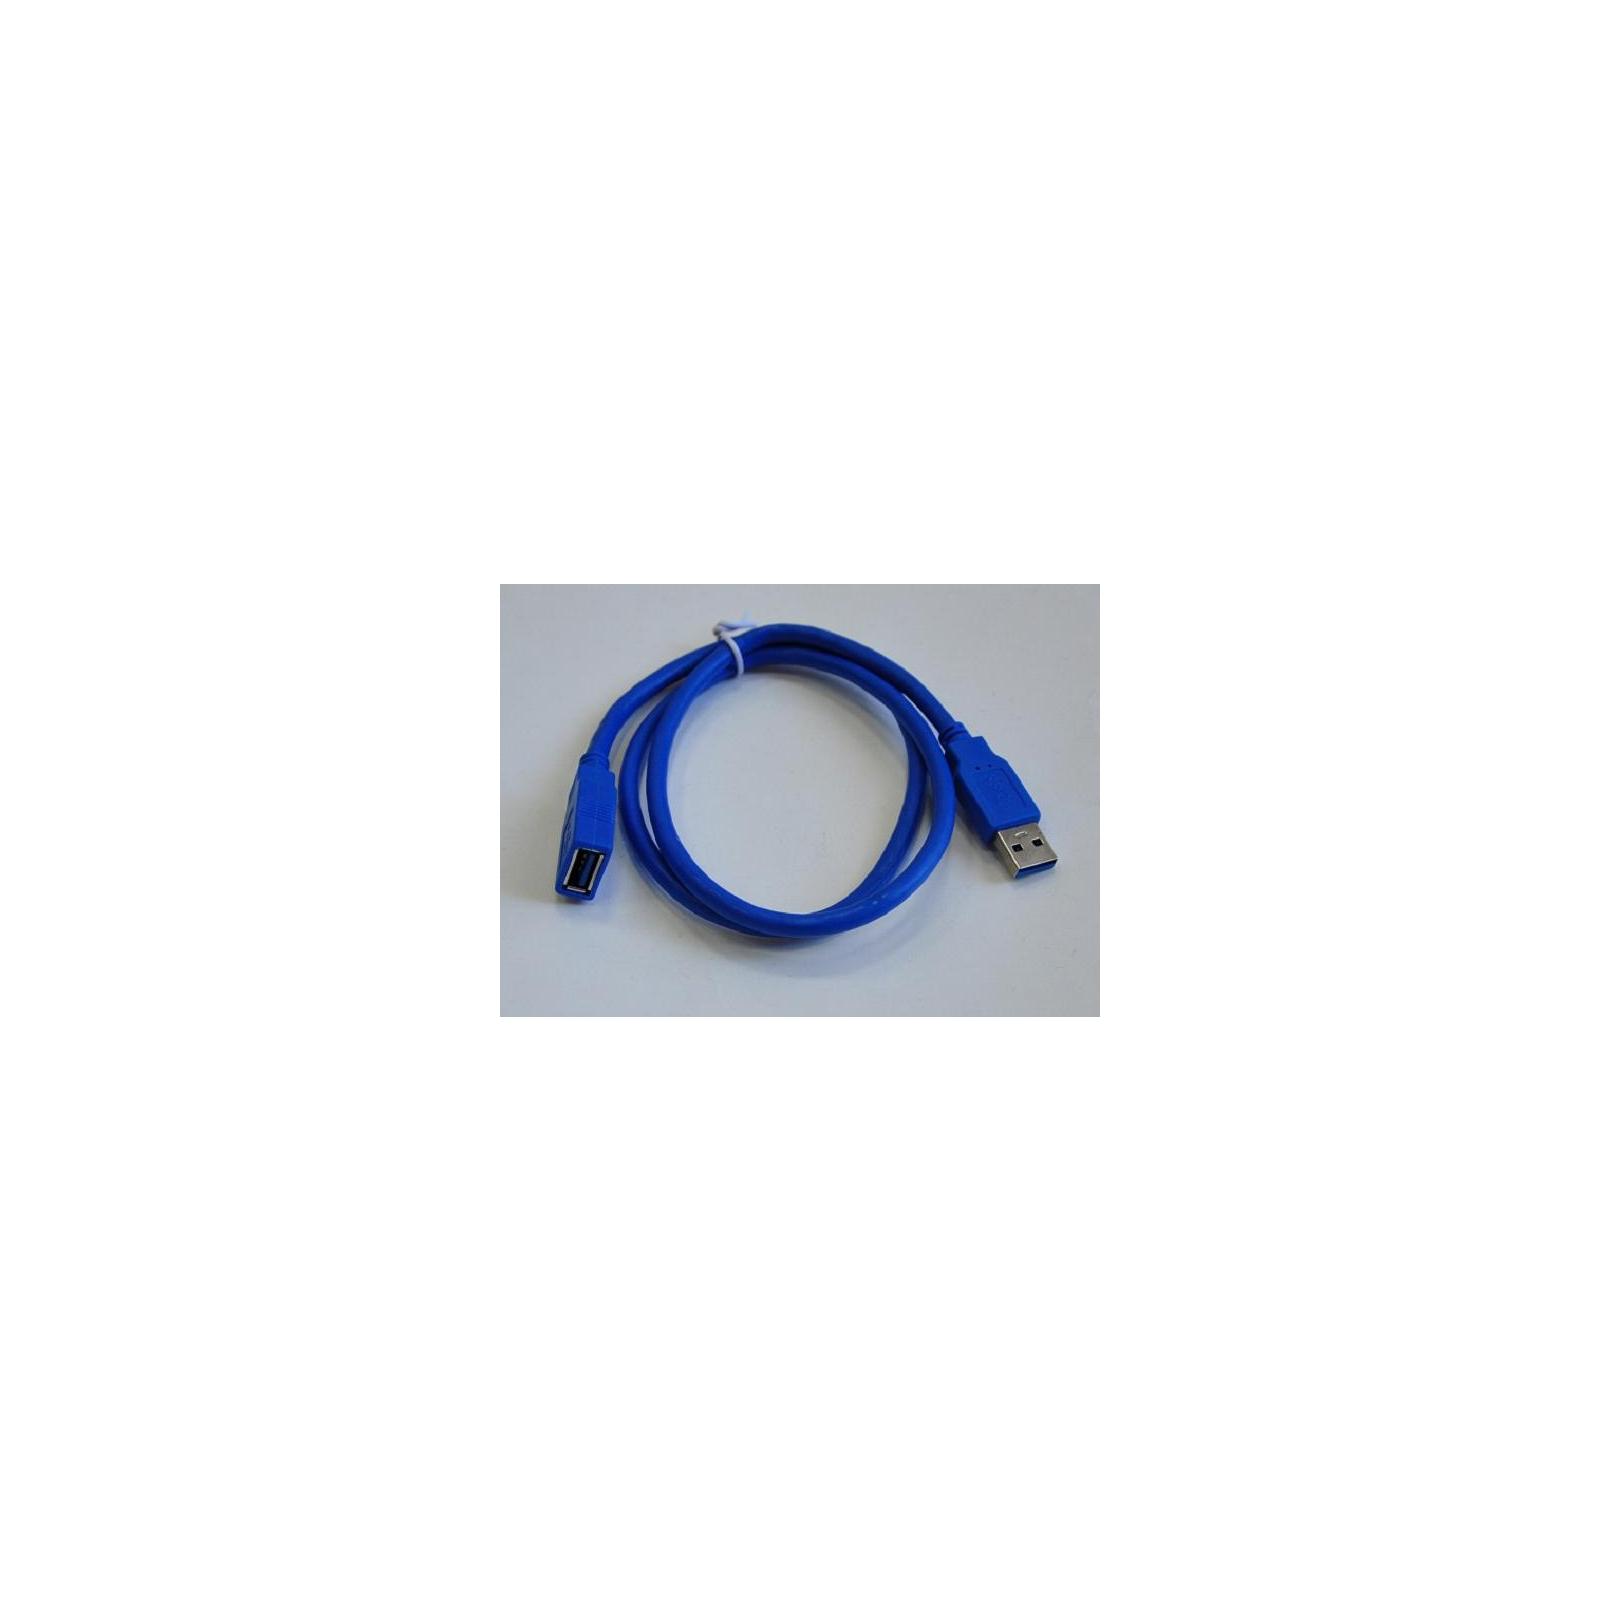 Дата кабель подовжувач USB 3.0 AM/AF Atcom (6149)